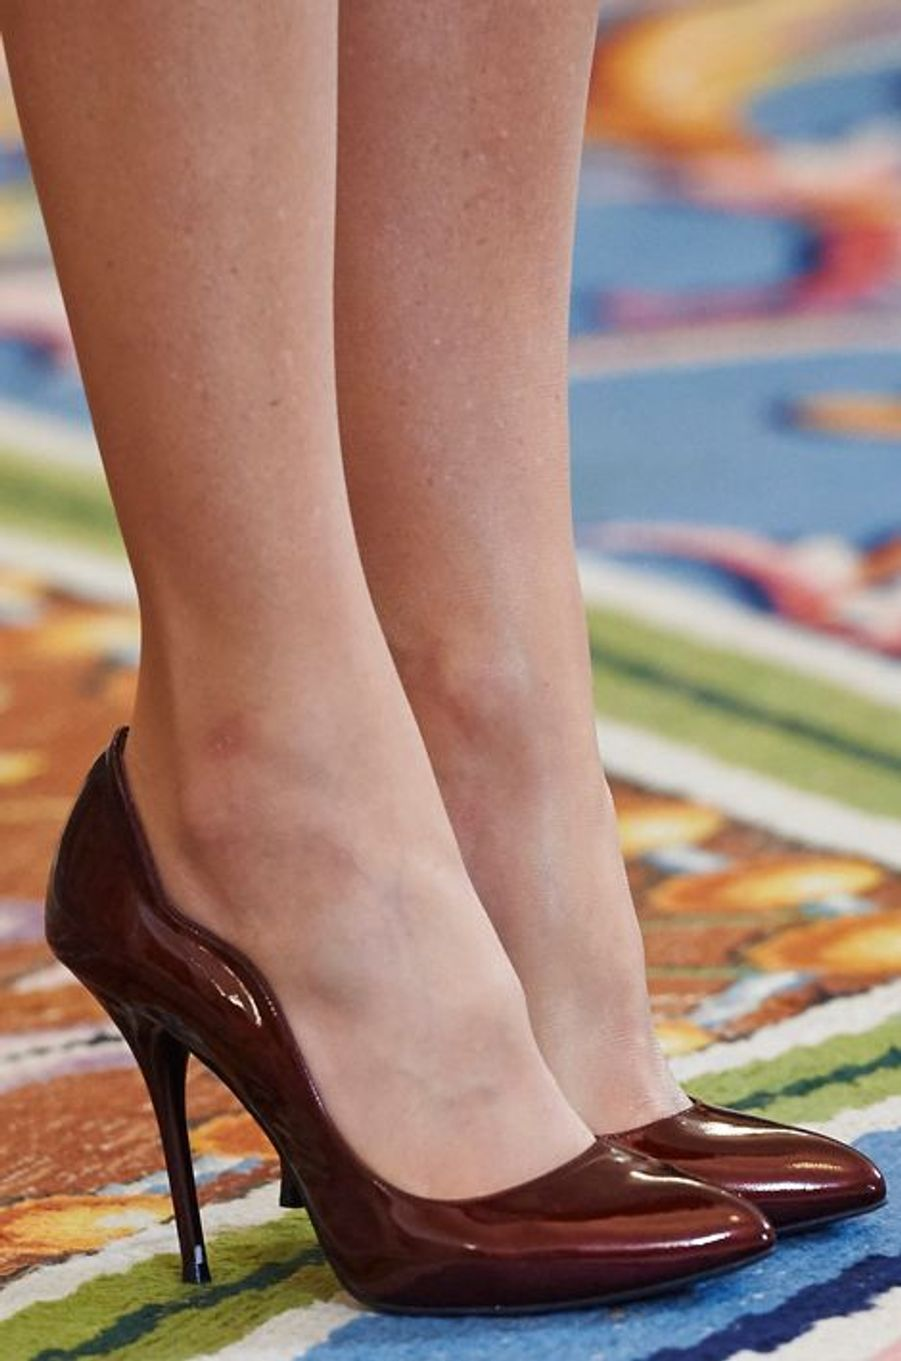 Les souliers de la reine Letizia d'Espagne au Palais de la Zarzuella à Madrid, le 30 octobre 2015